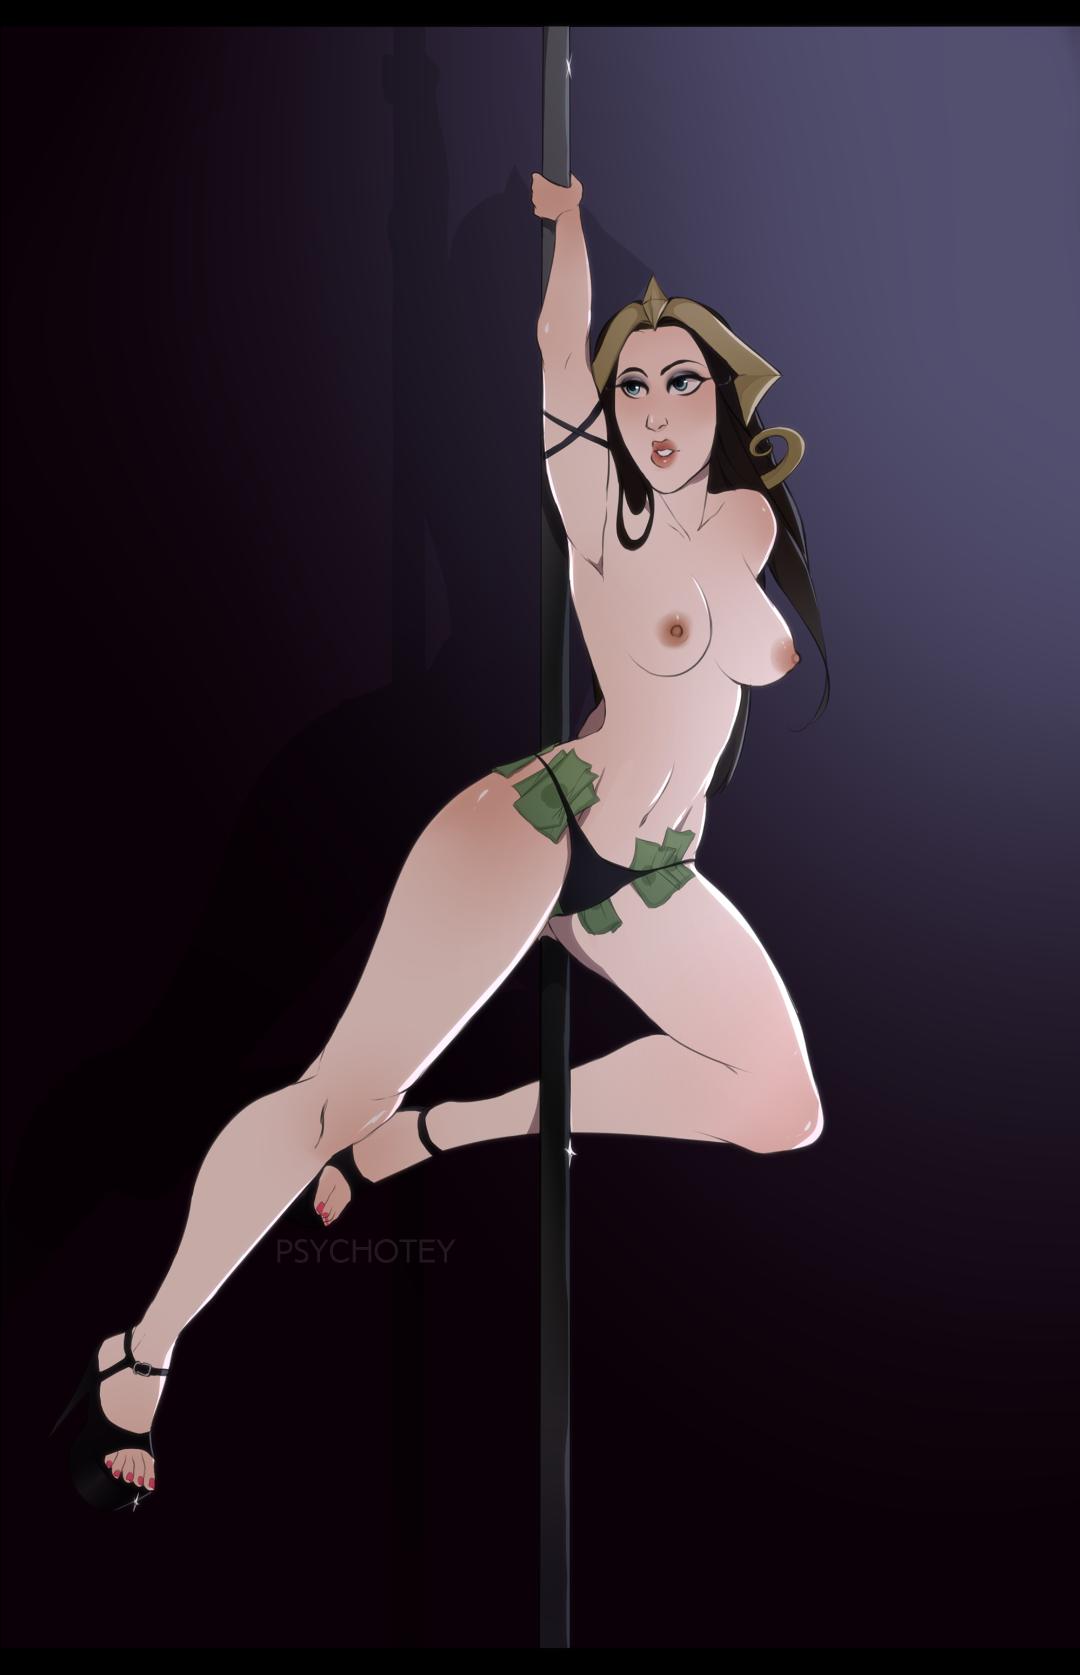 Lili stripper